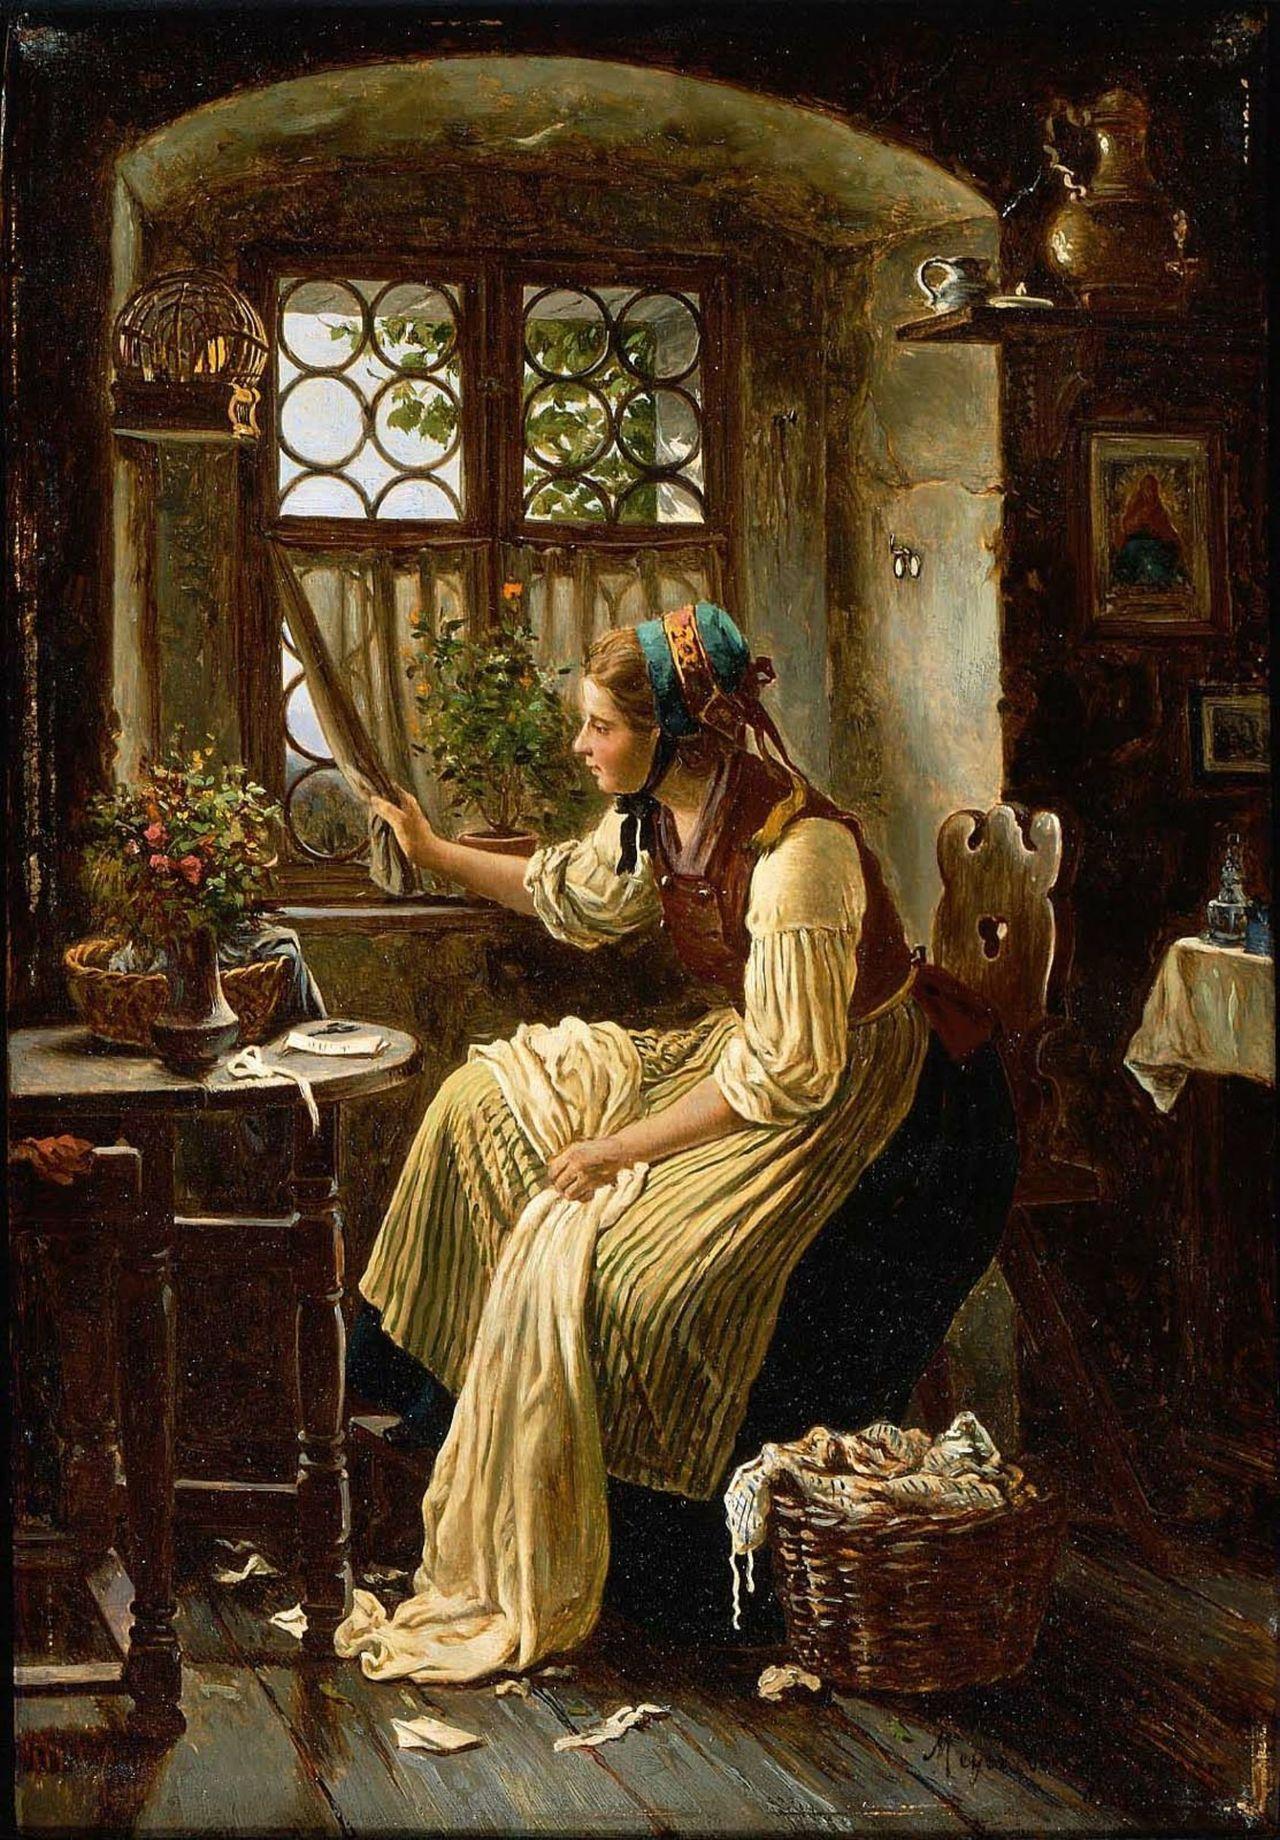 Young Woman Looking through a Window - Johann Georg Meyer von Bremen  19th century